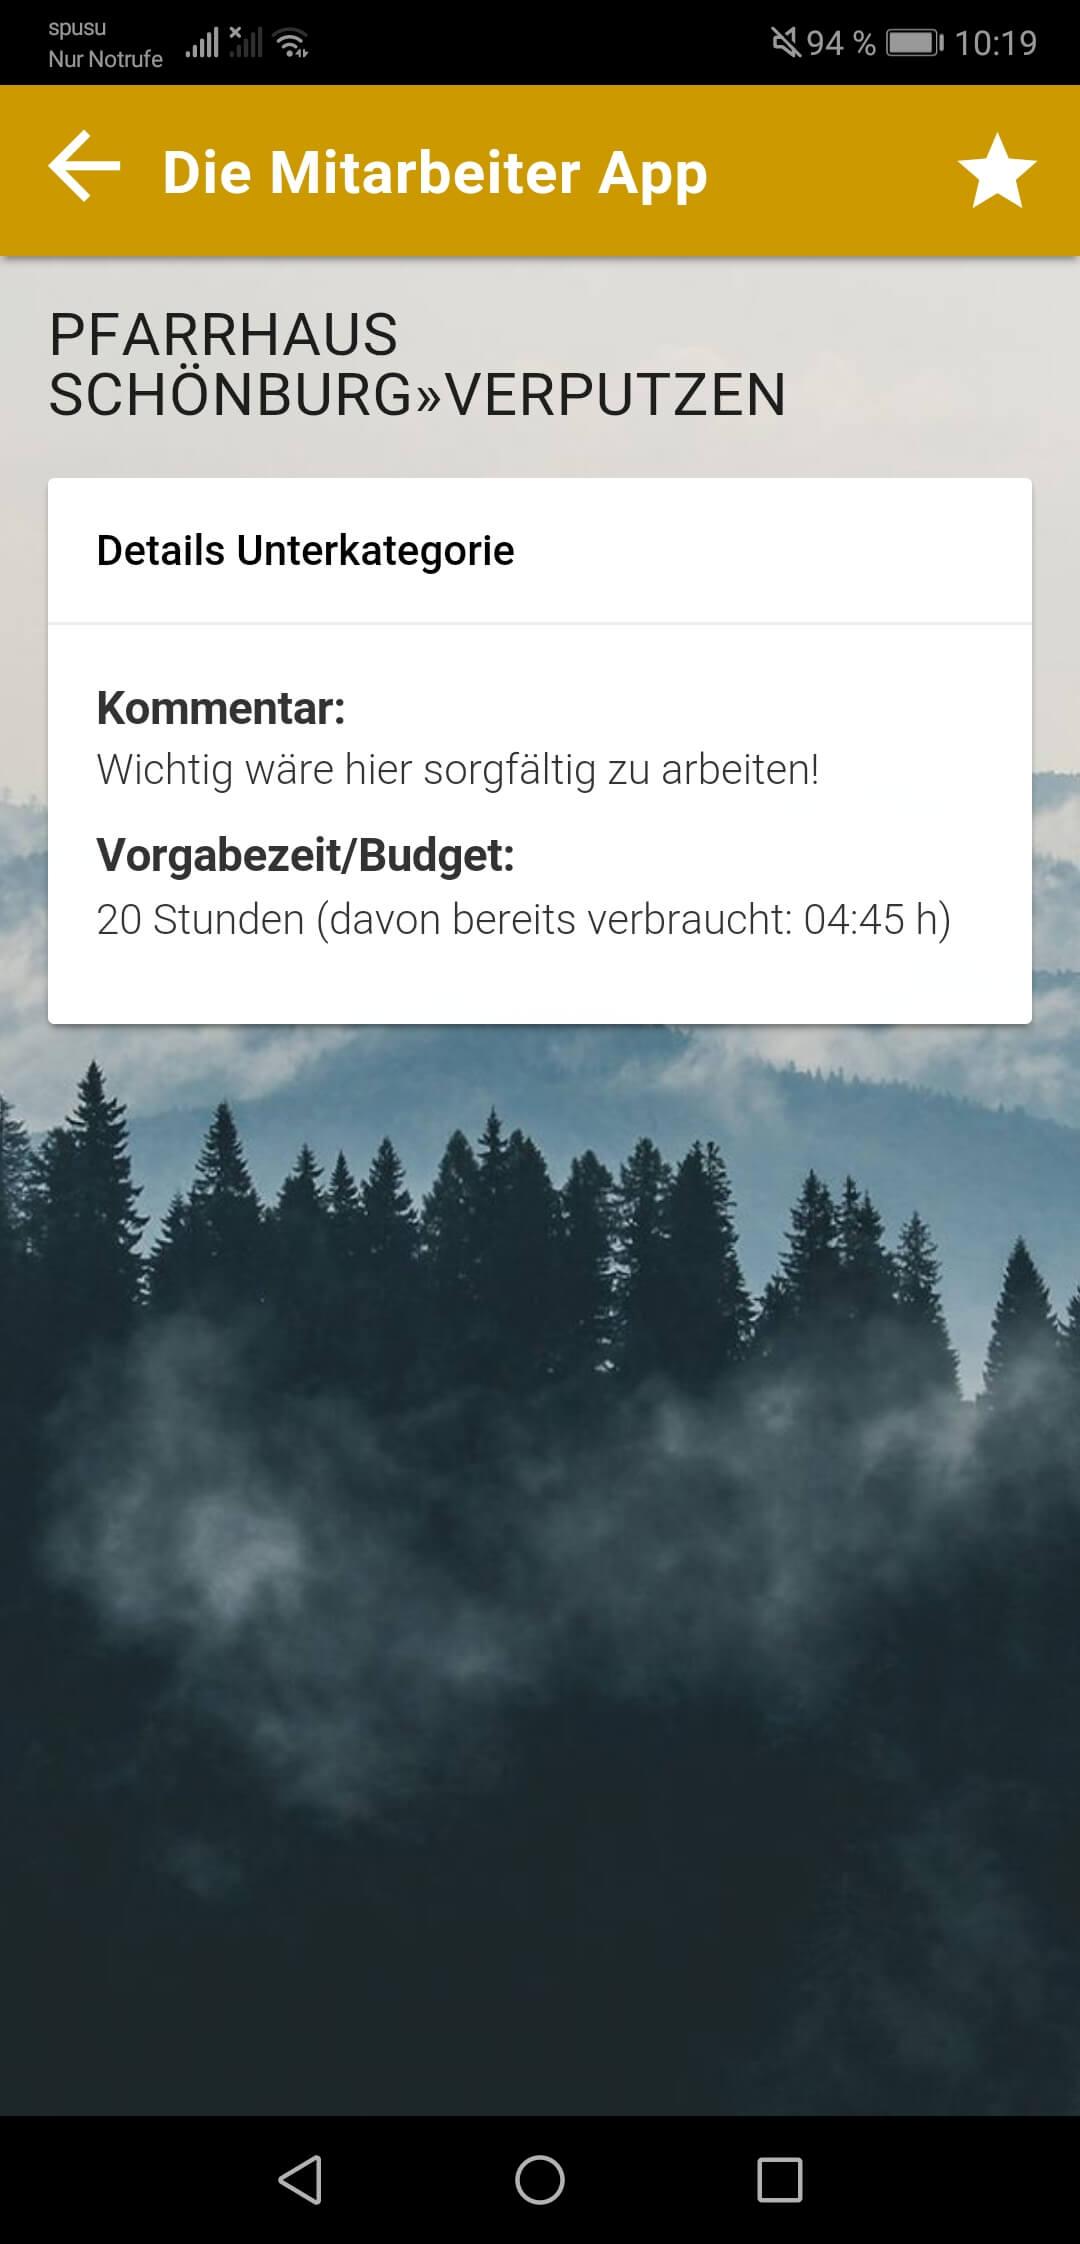 Zeitbudgets für Unterkategorien in der App